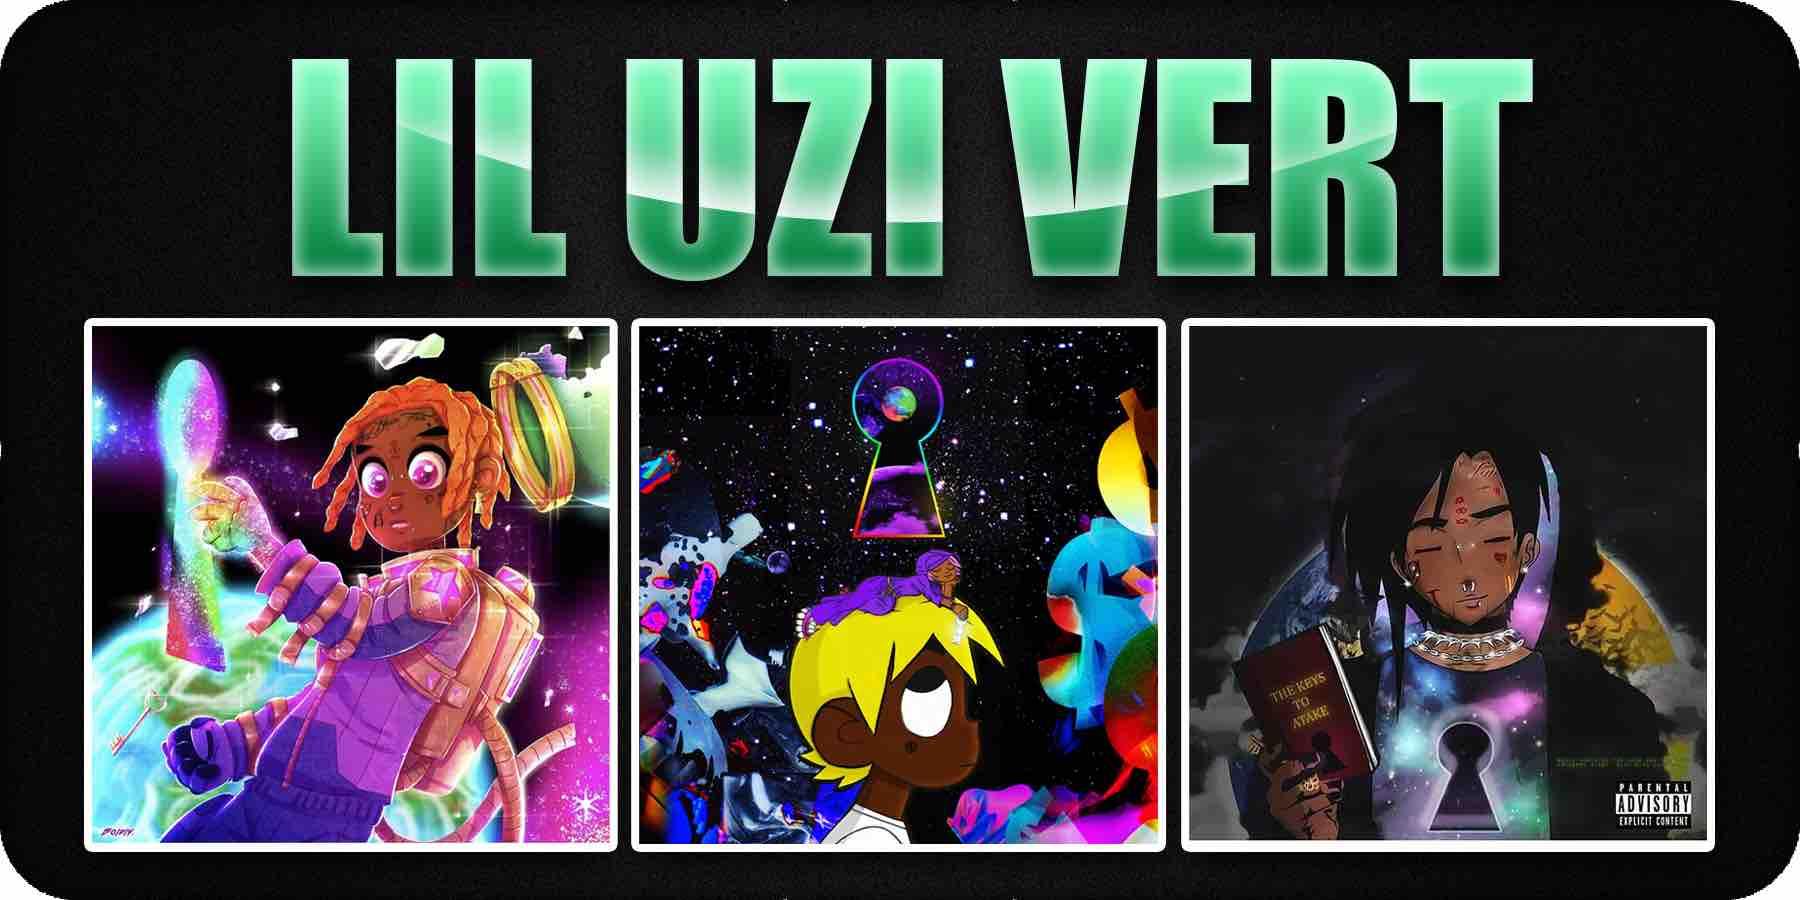 Lil Uzi Vert cartoon album art